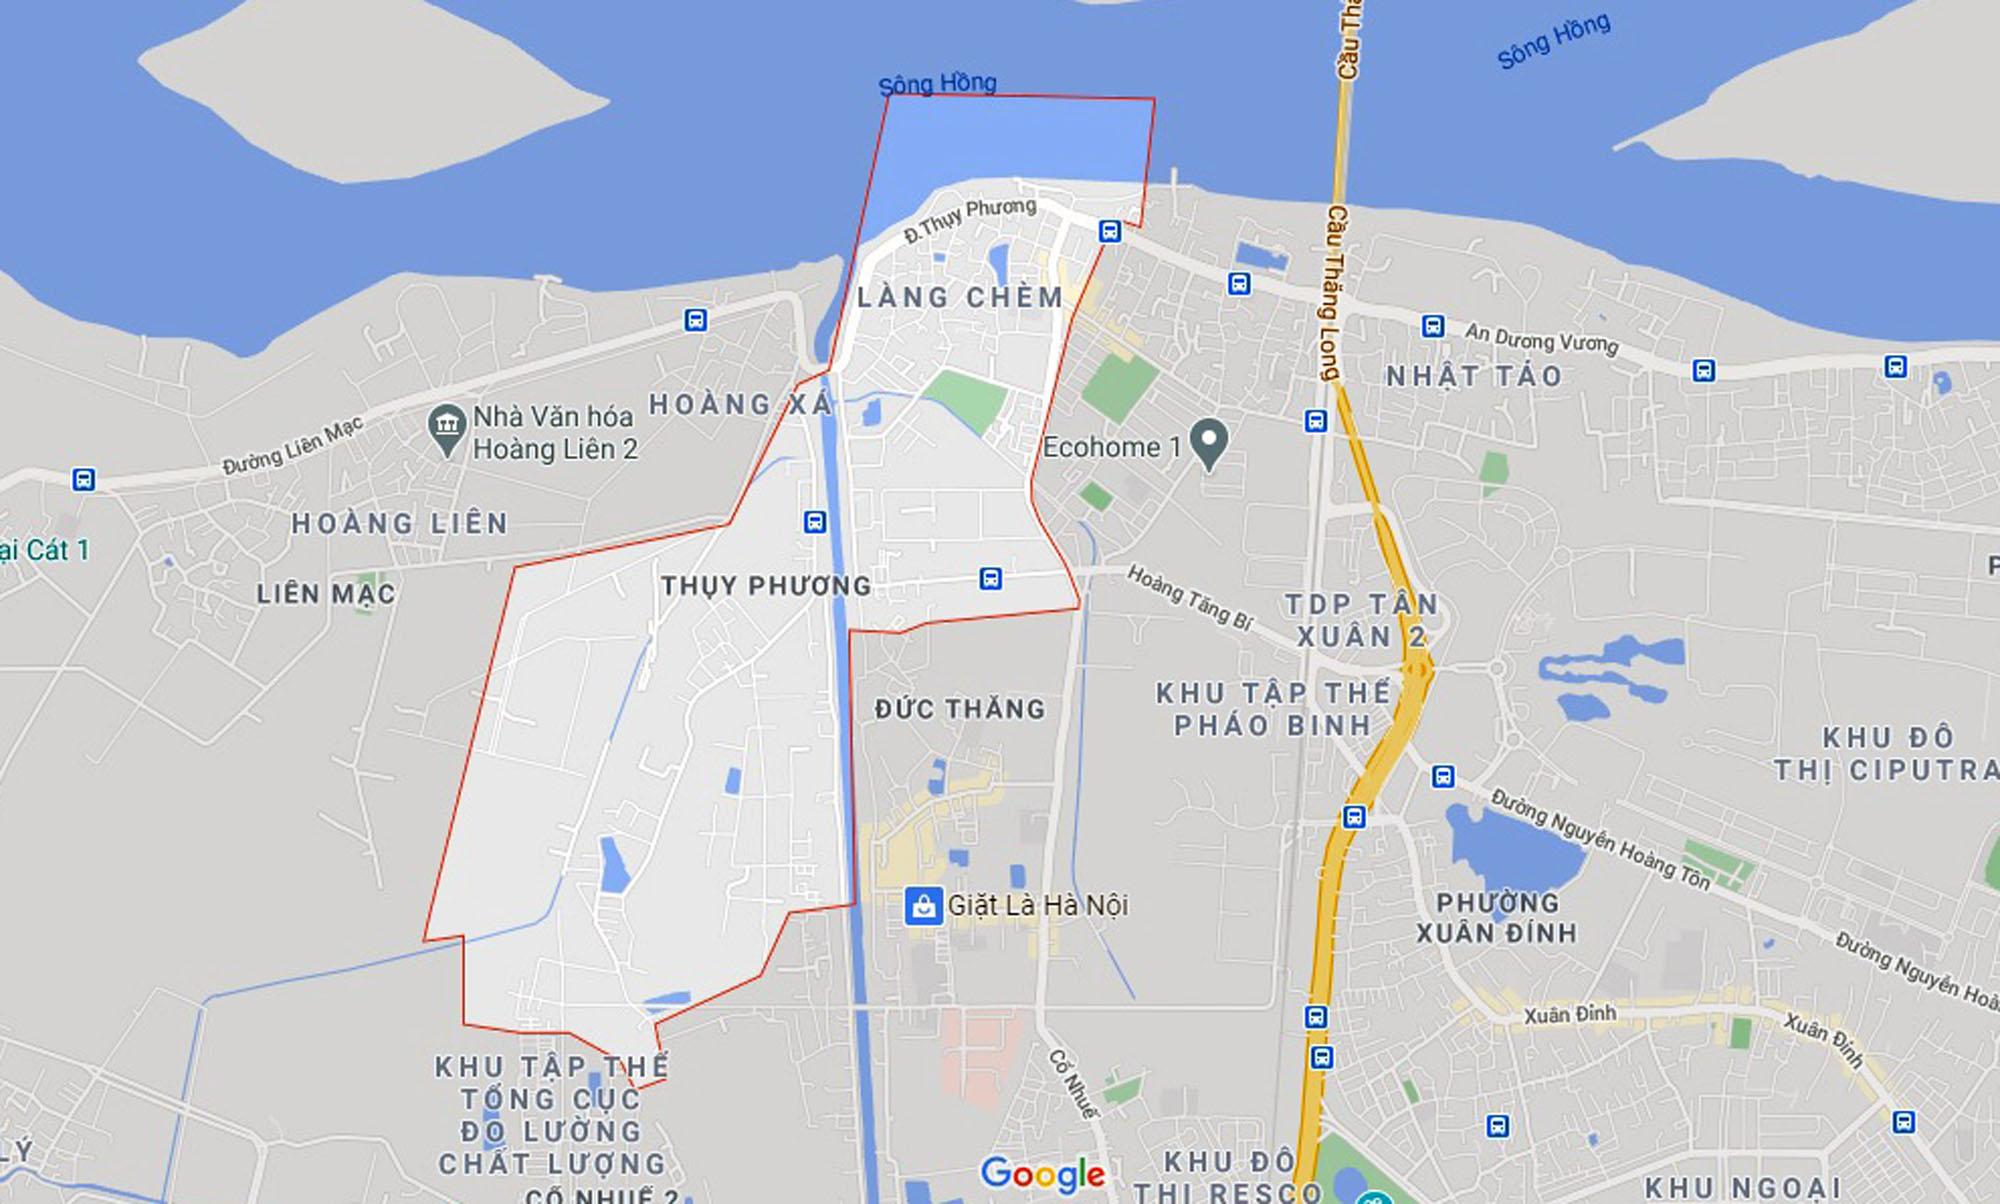 Ba đường sẽ mở theo qui hoạch ở phường Thụy Phương, Bắc Từ Liêm, Hà Nội (phần 2) - Ảnh 1.